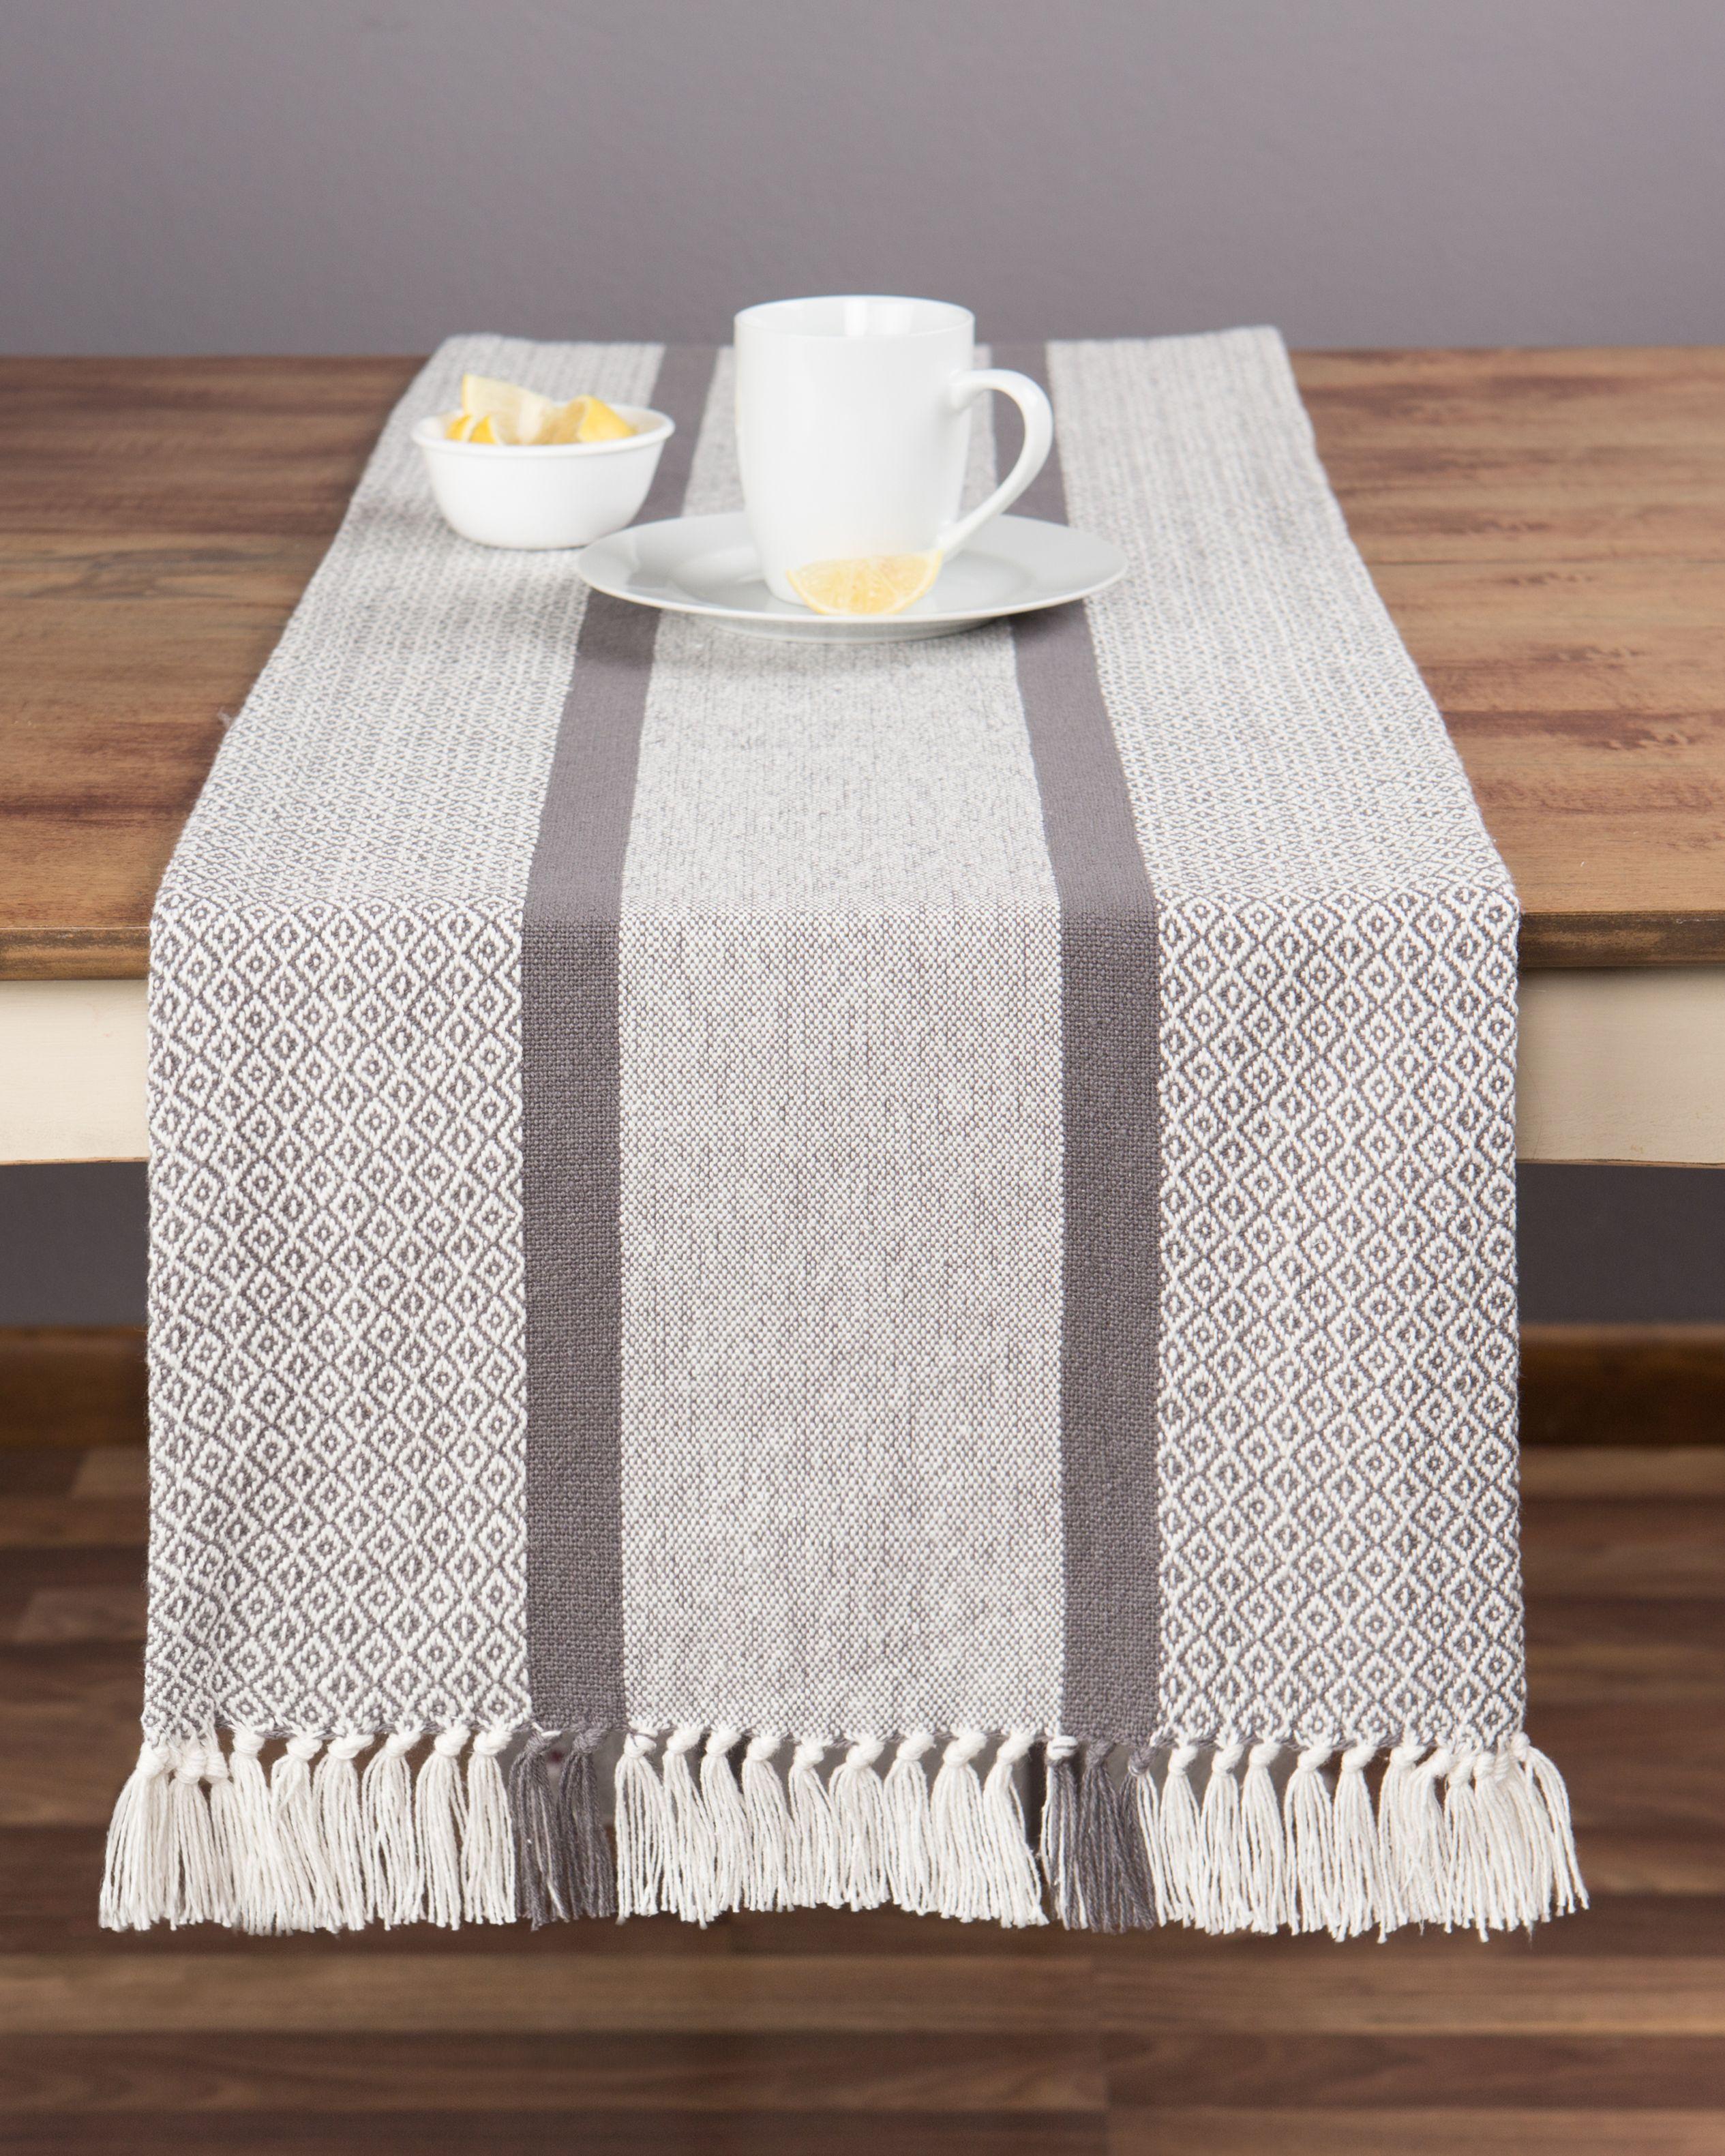 Home Crochet Table Runner Pattern